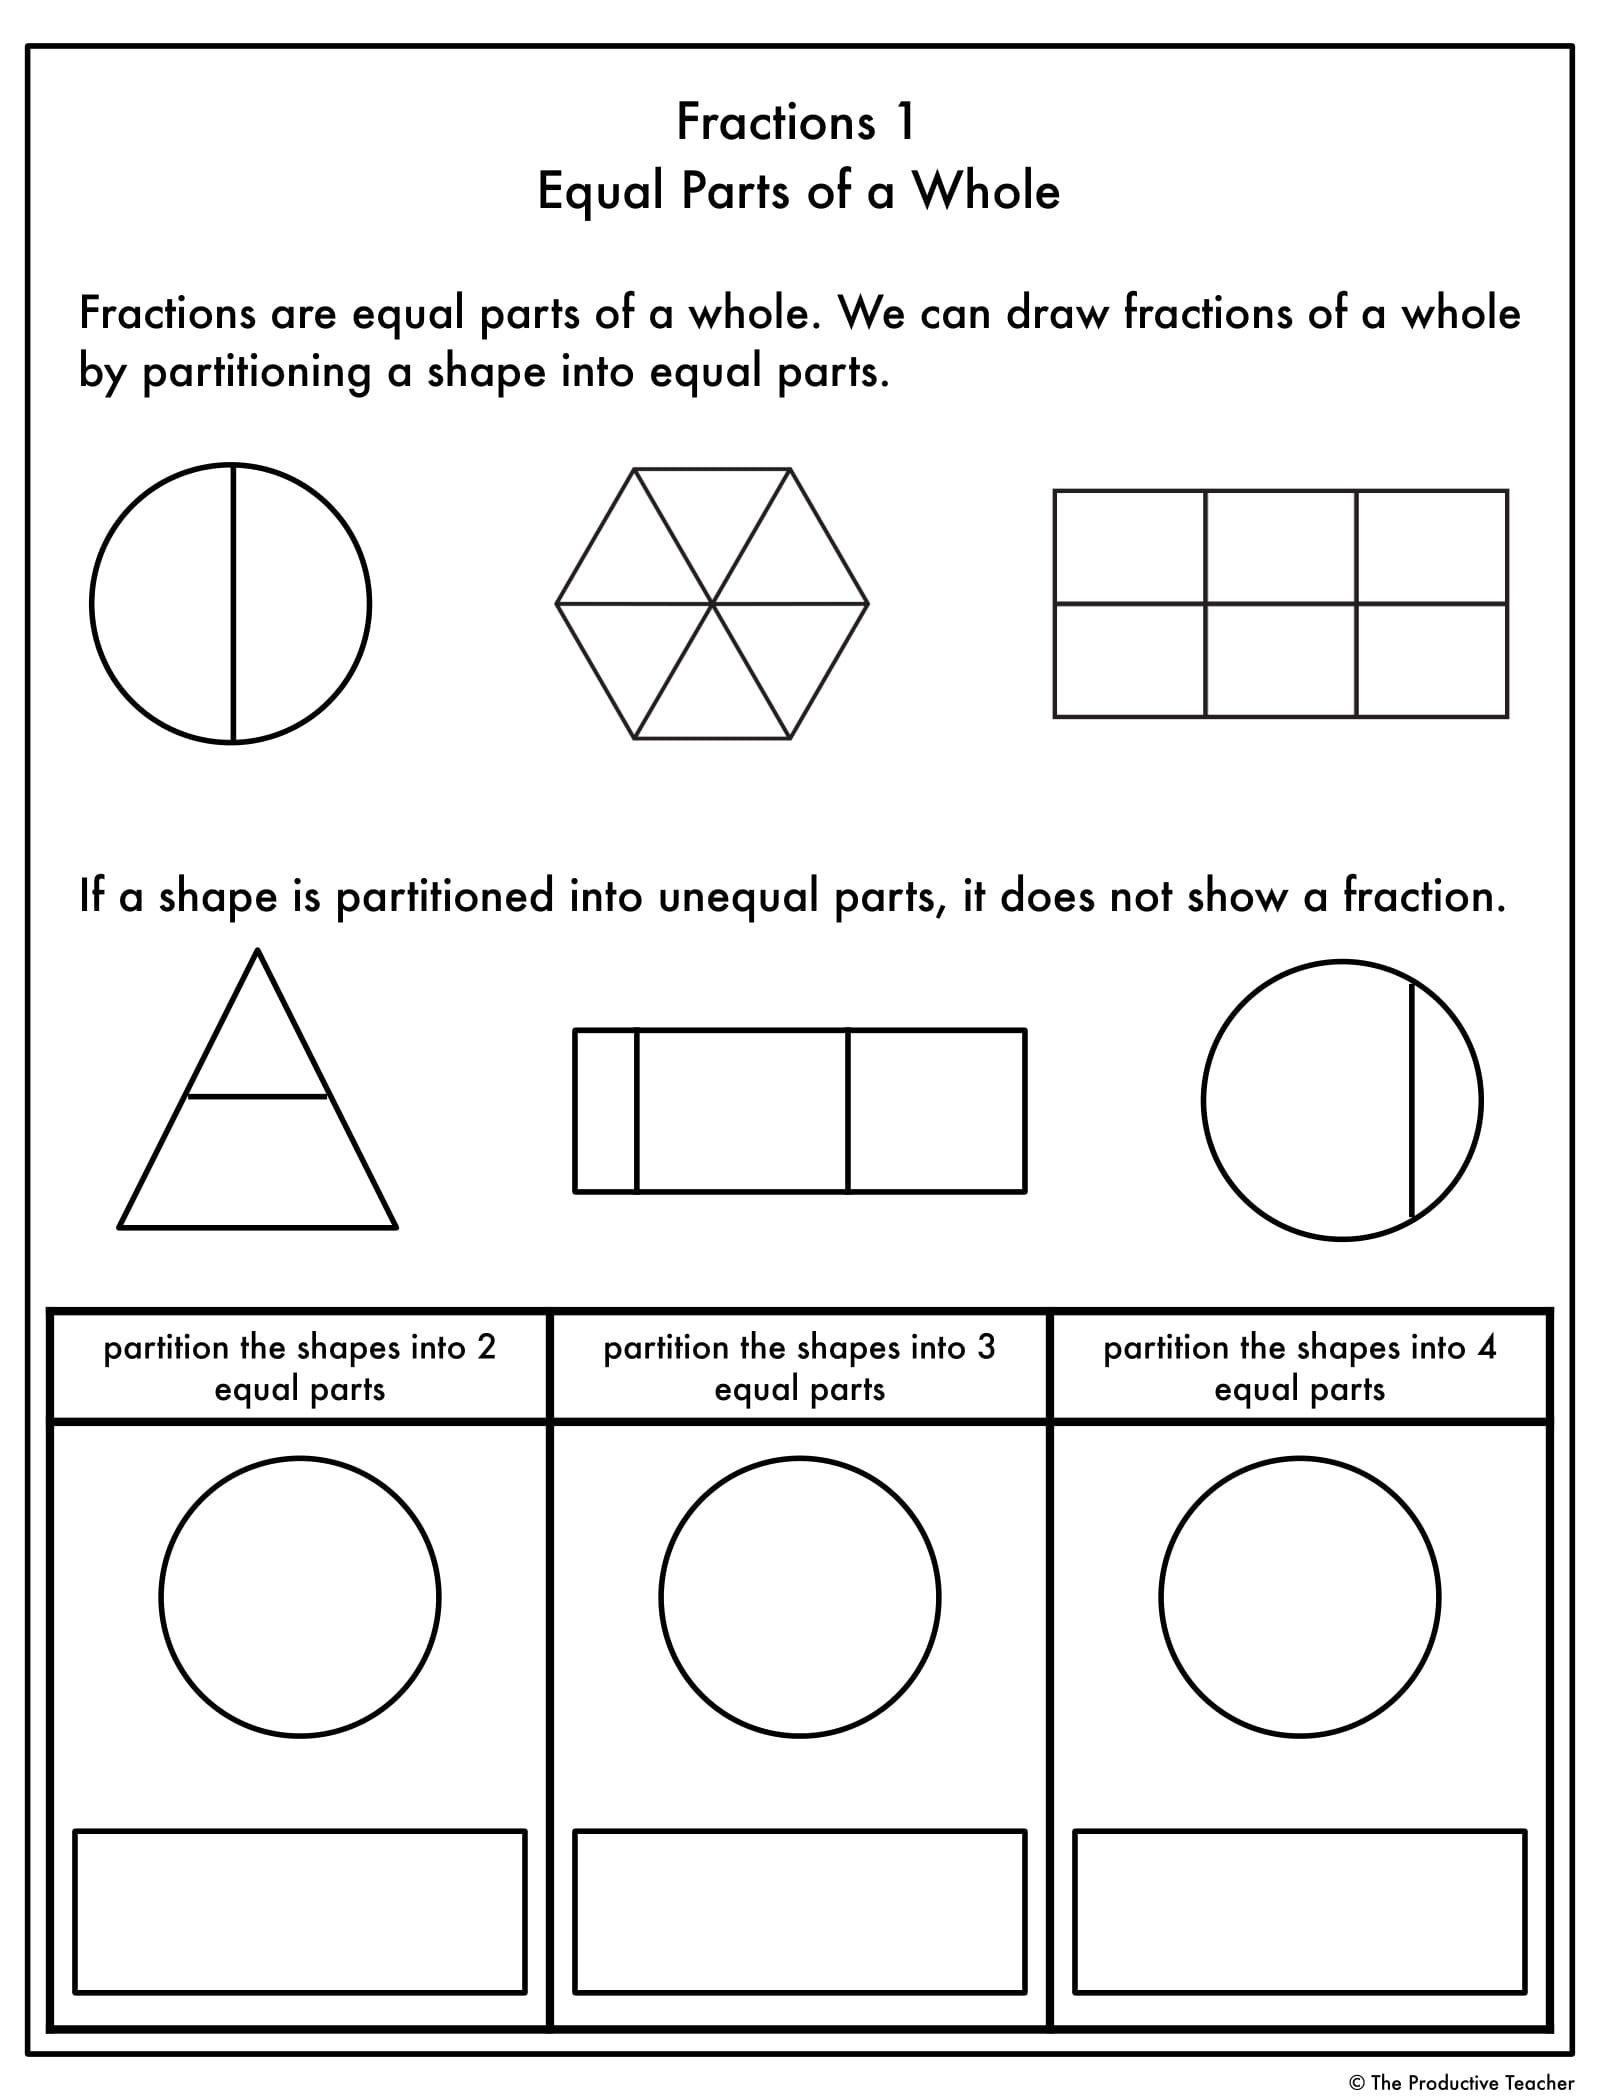 Fractions Progression Worksheets   Fractions worksheets [ 2100 x 1600 Pixel ]